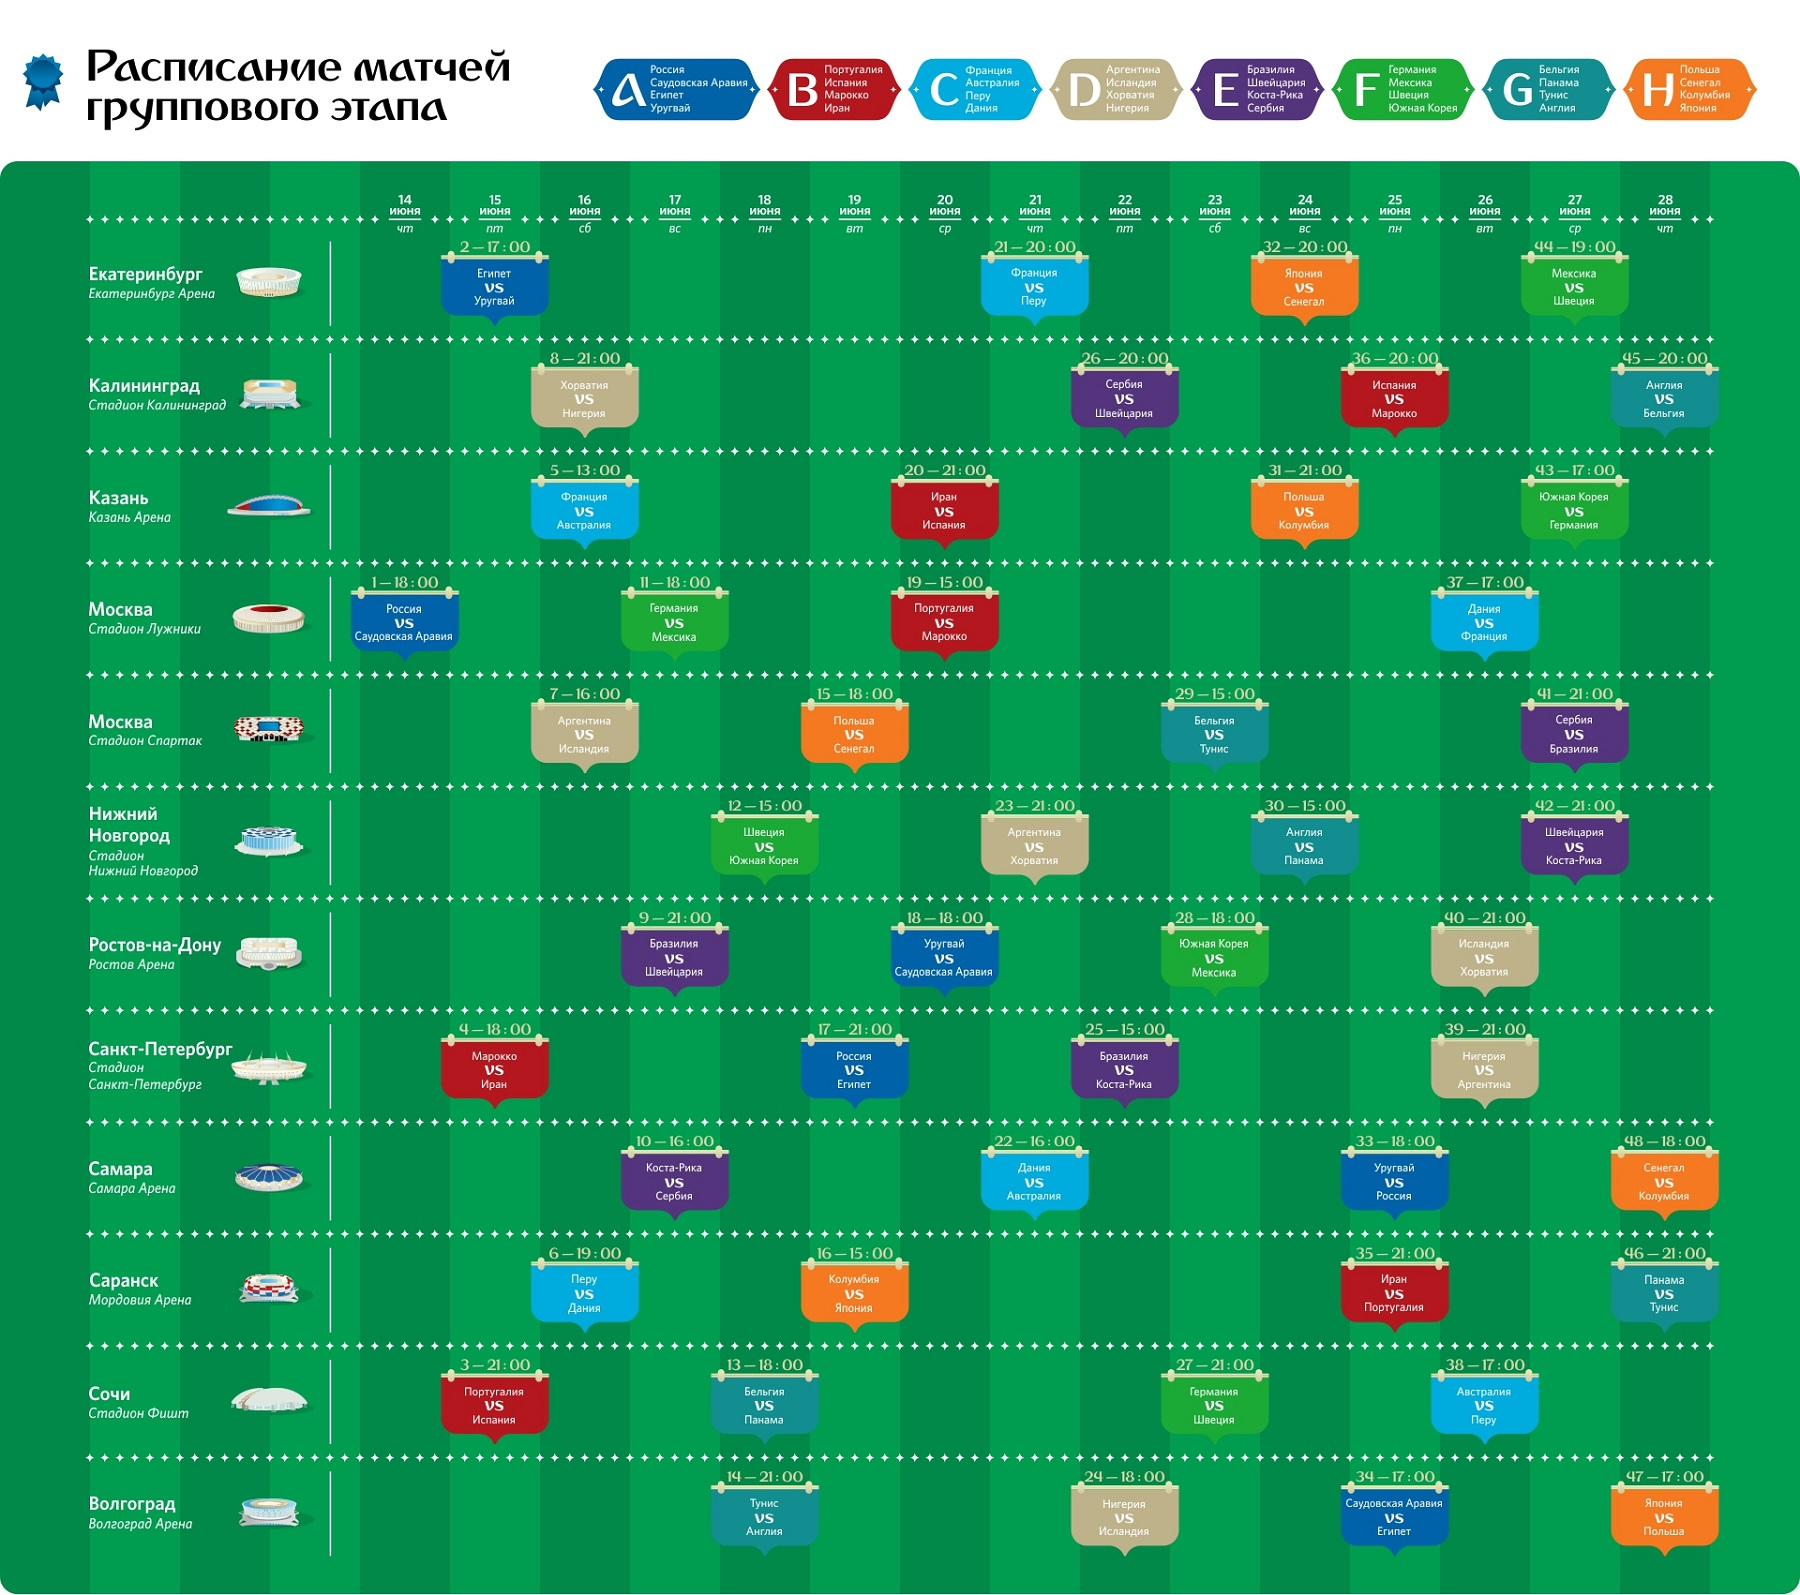 Расписание матчей ЧМ 2018